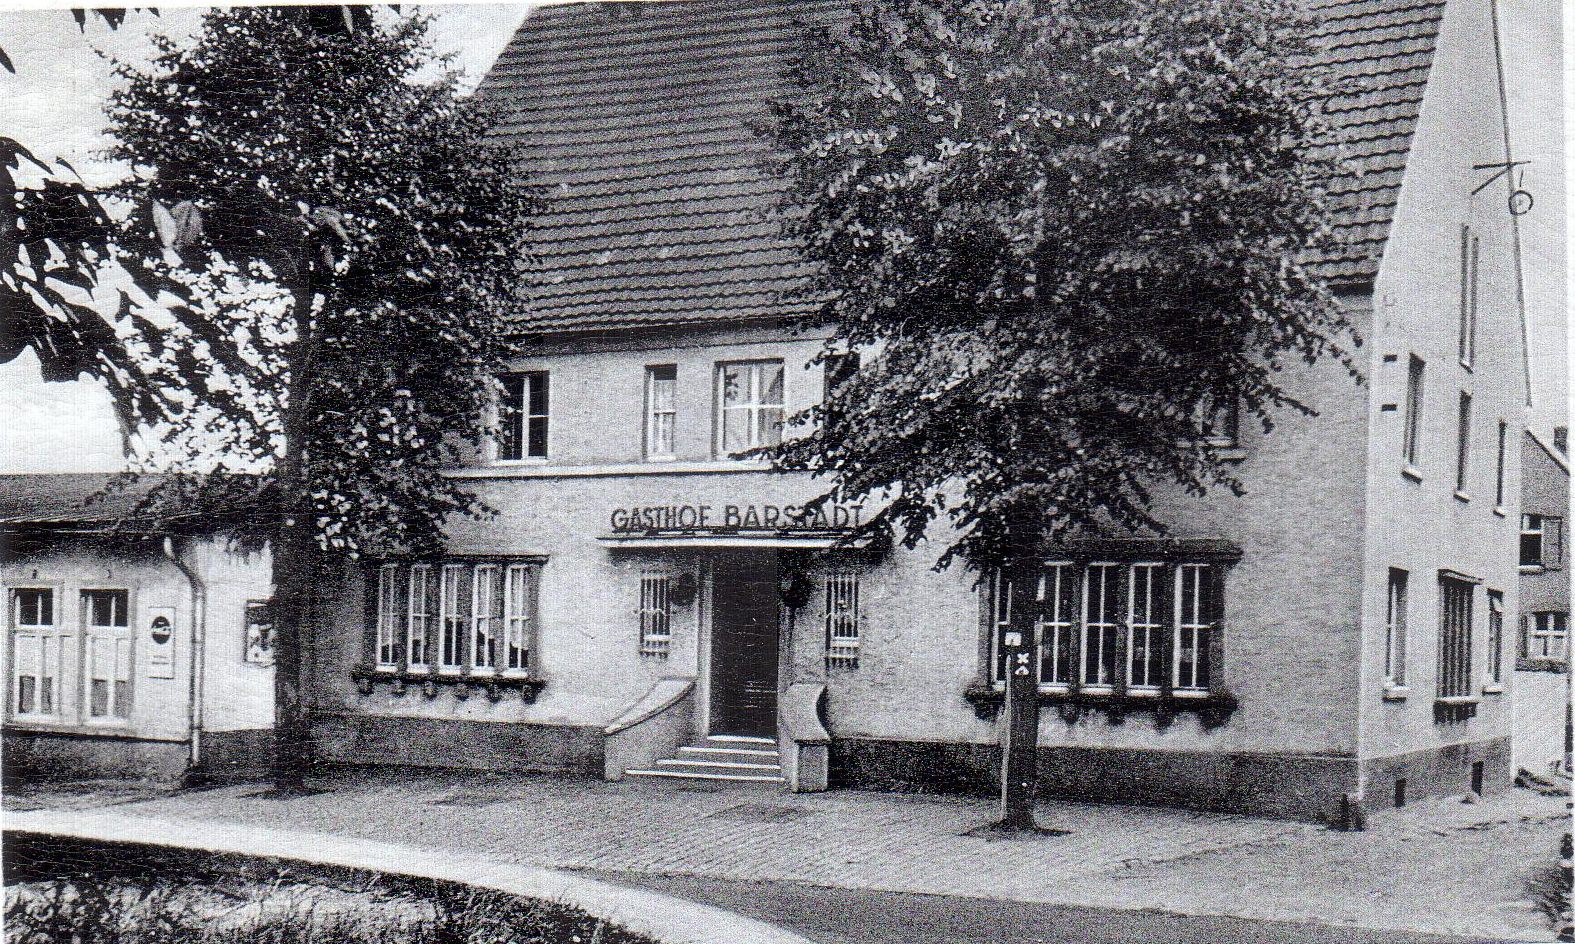 Cafe-Gasth-Bahrstadt-alt